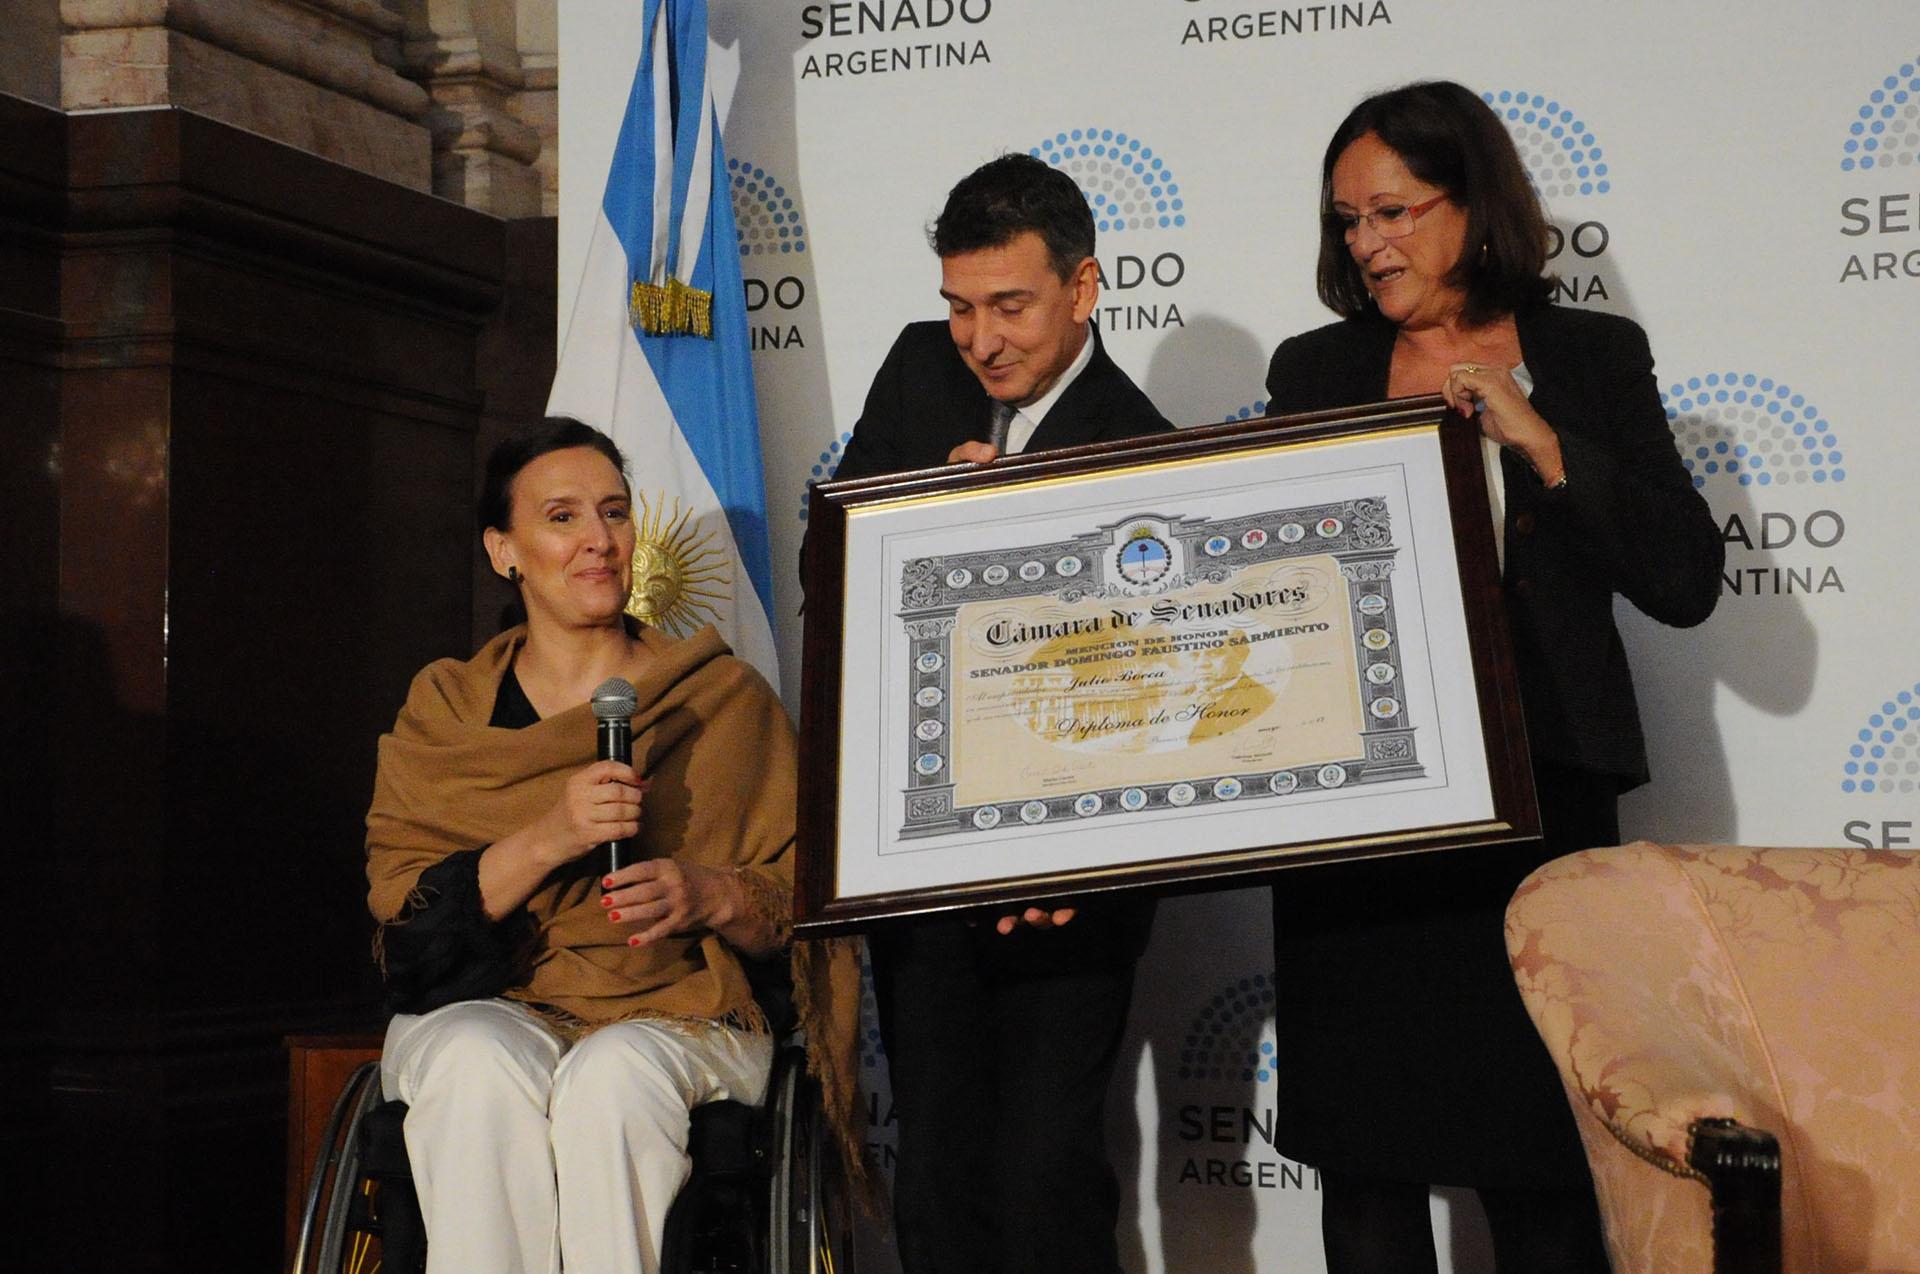 """La senadora Marta Varela (Pro), impulsora del reconocimiento, declaró el """"honor y orgullo de entregar la mención a este artista tan querido por todos"""""""